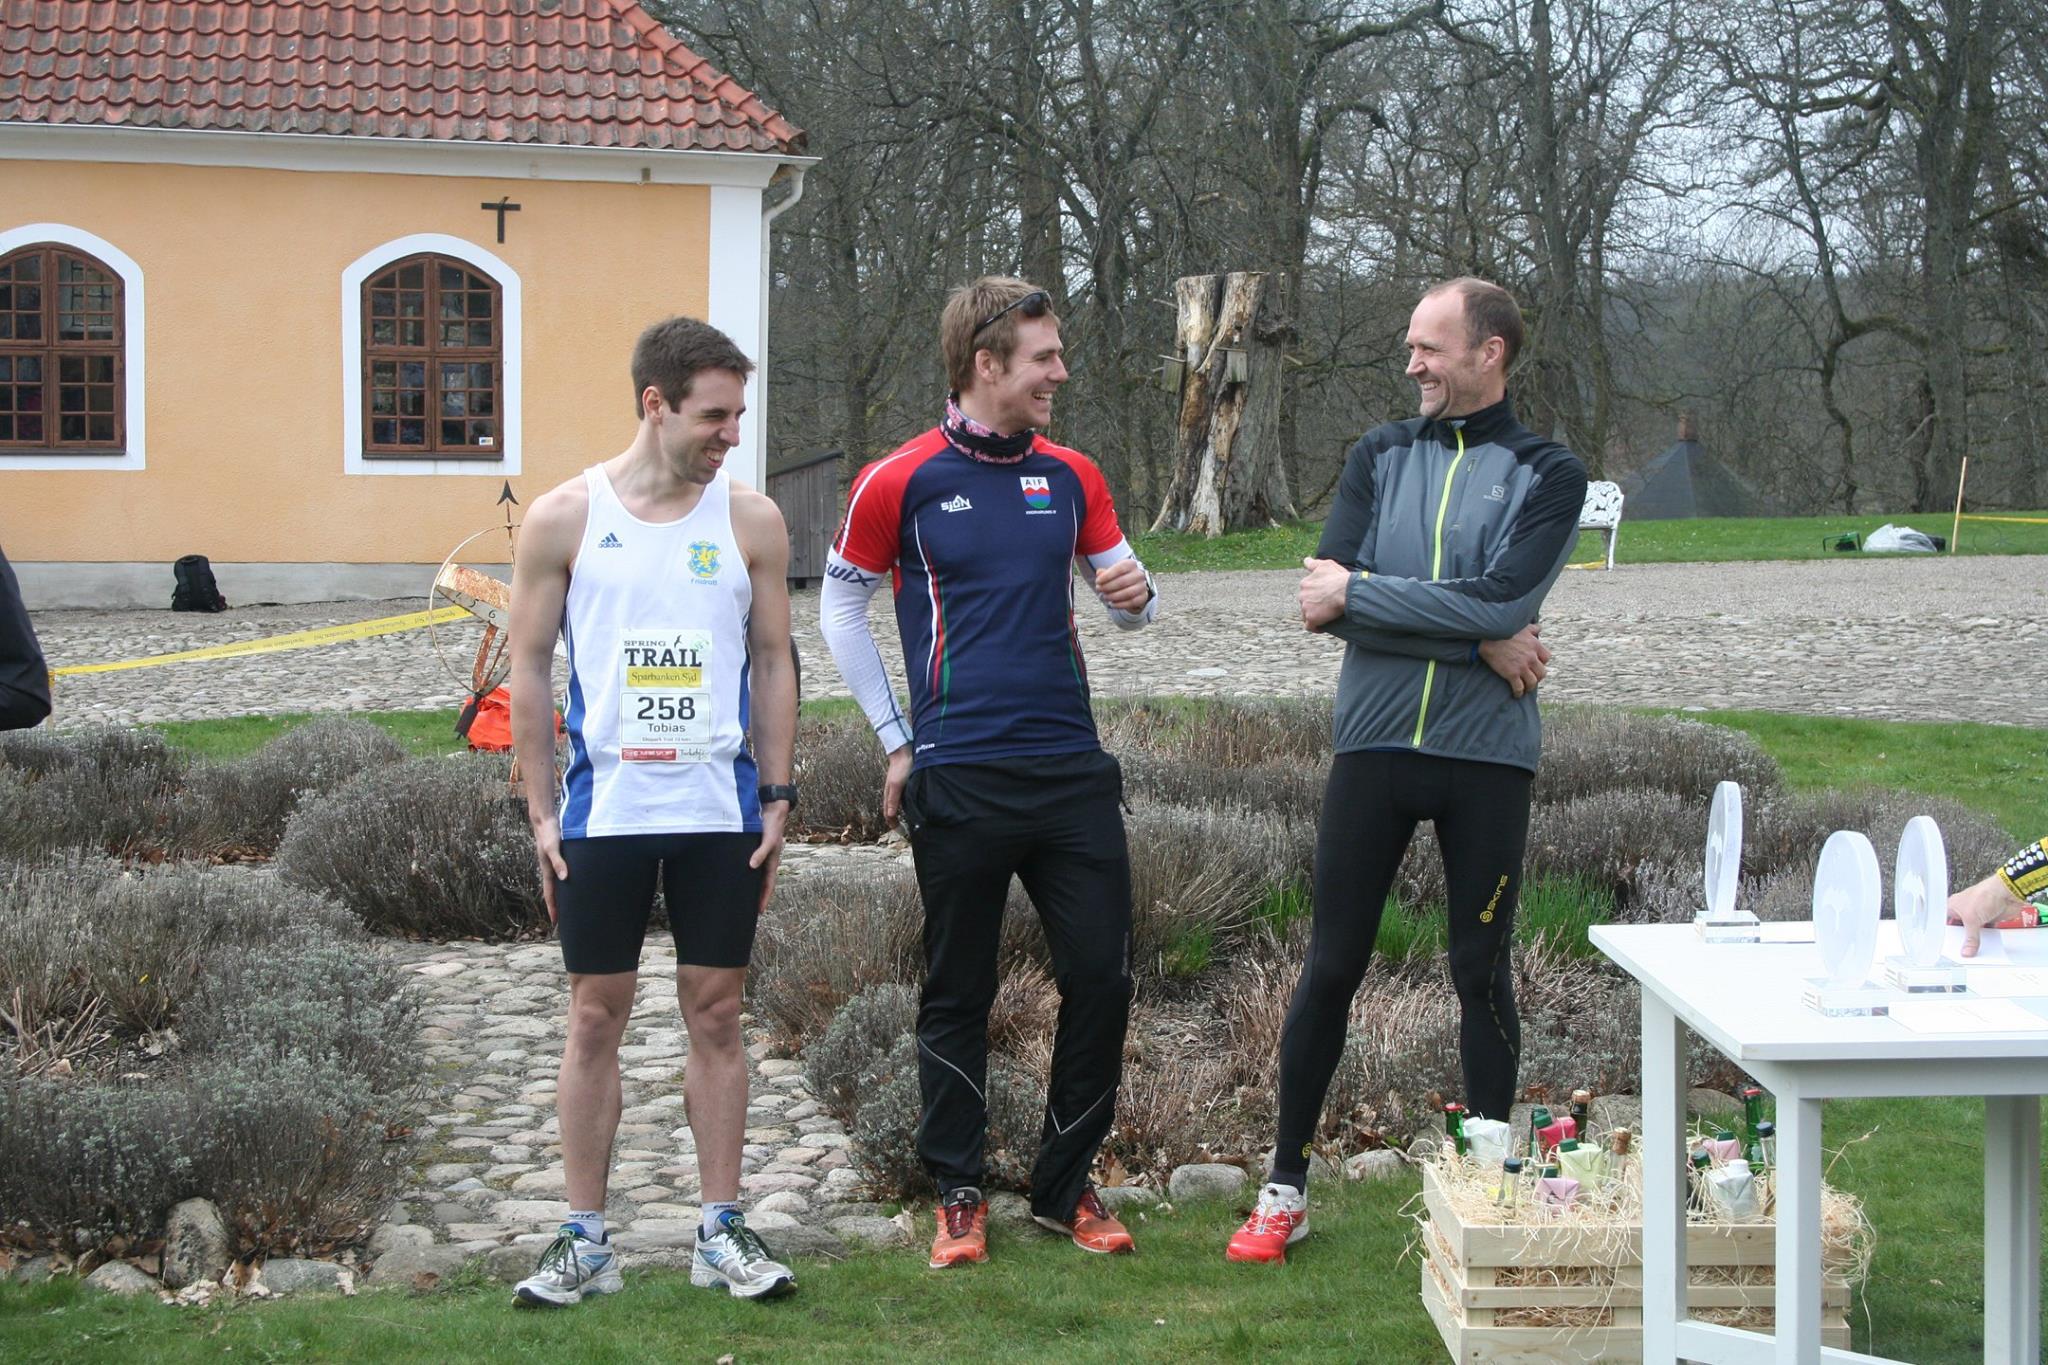 Topptrion (10 km) f.v. Tobias Larsson, f.h. Jens Persson, båda tävlande för Ystads IF. Han där i mitten är jag och alla verka vara glada.